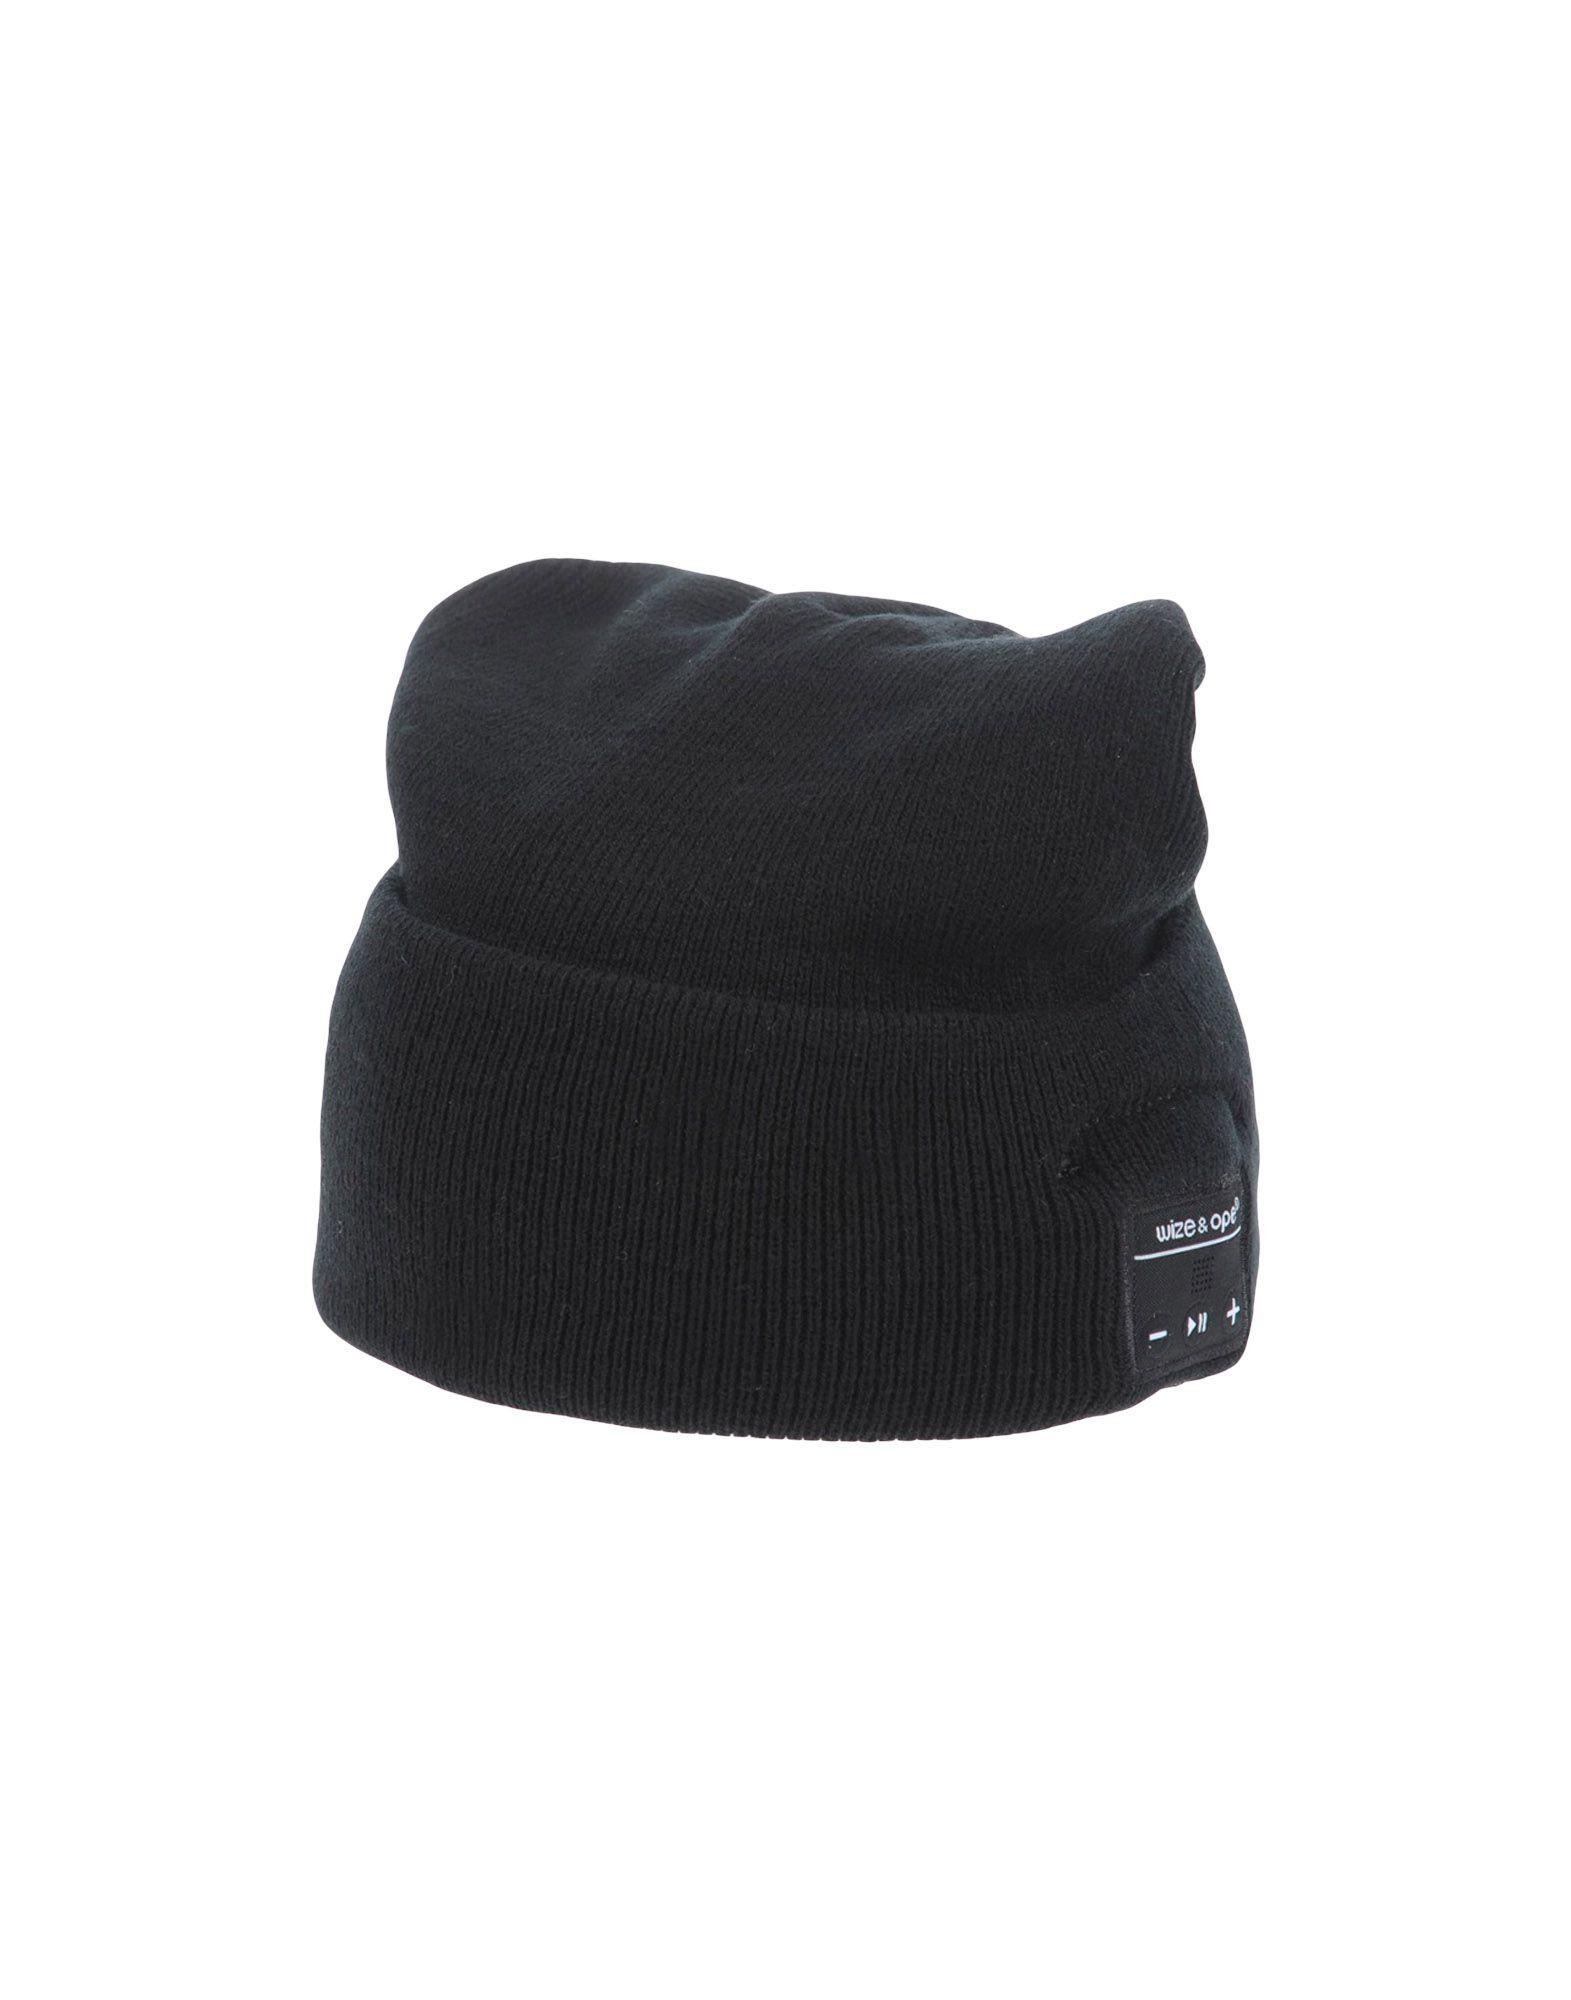 《送料無料》WIZE & OPE レディース 帽子 ブラック one size アクリル 100%